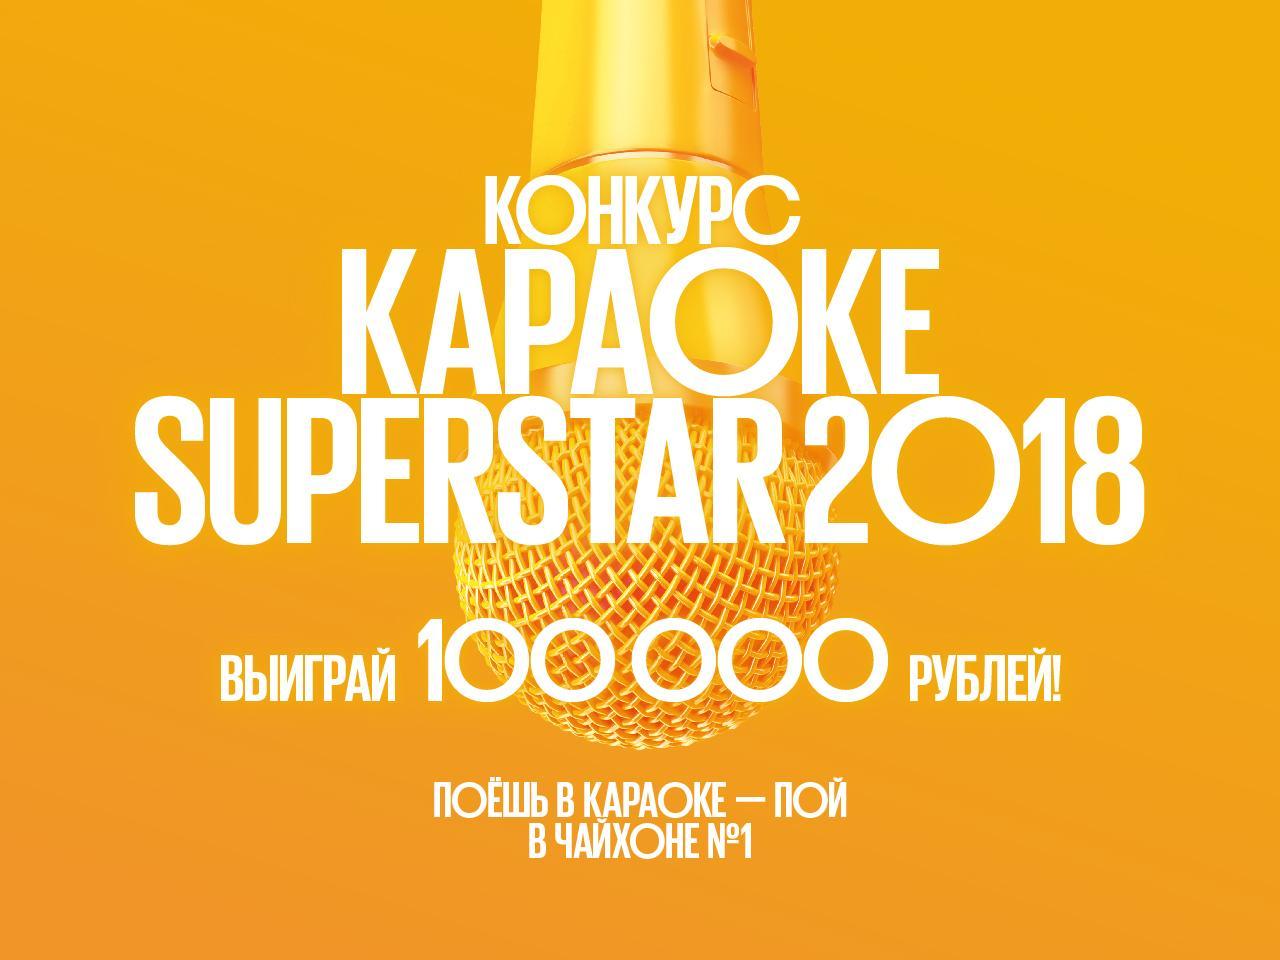 Поёшь в караоке? Пой в Чайхоне №1 и выиграй 100 000 рублей!